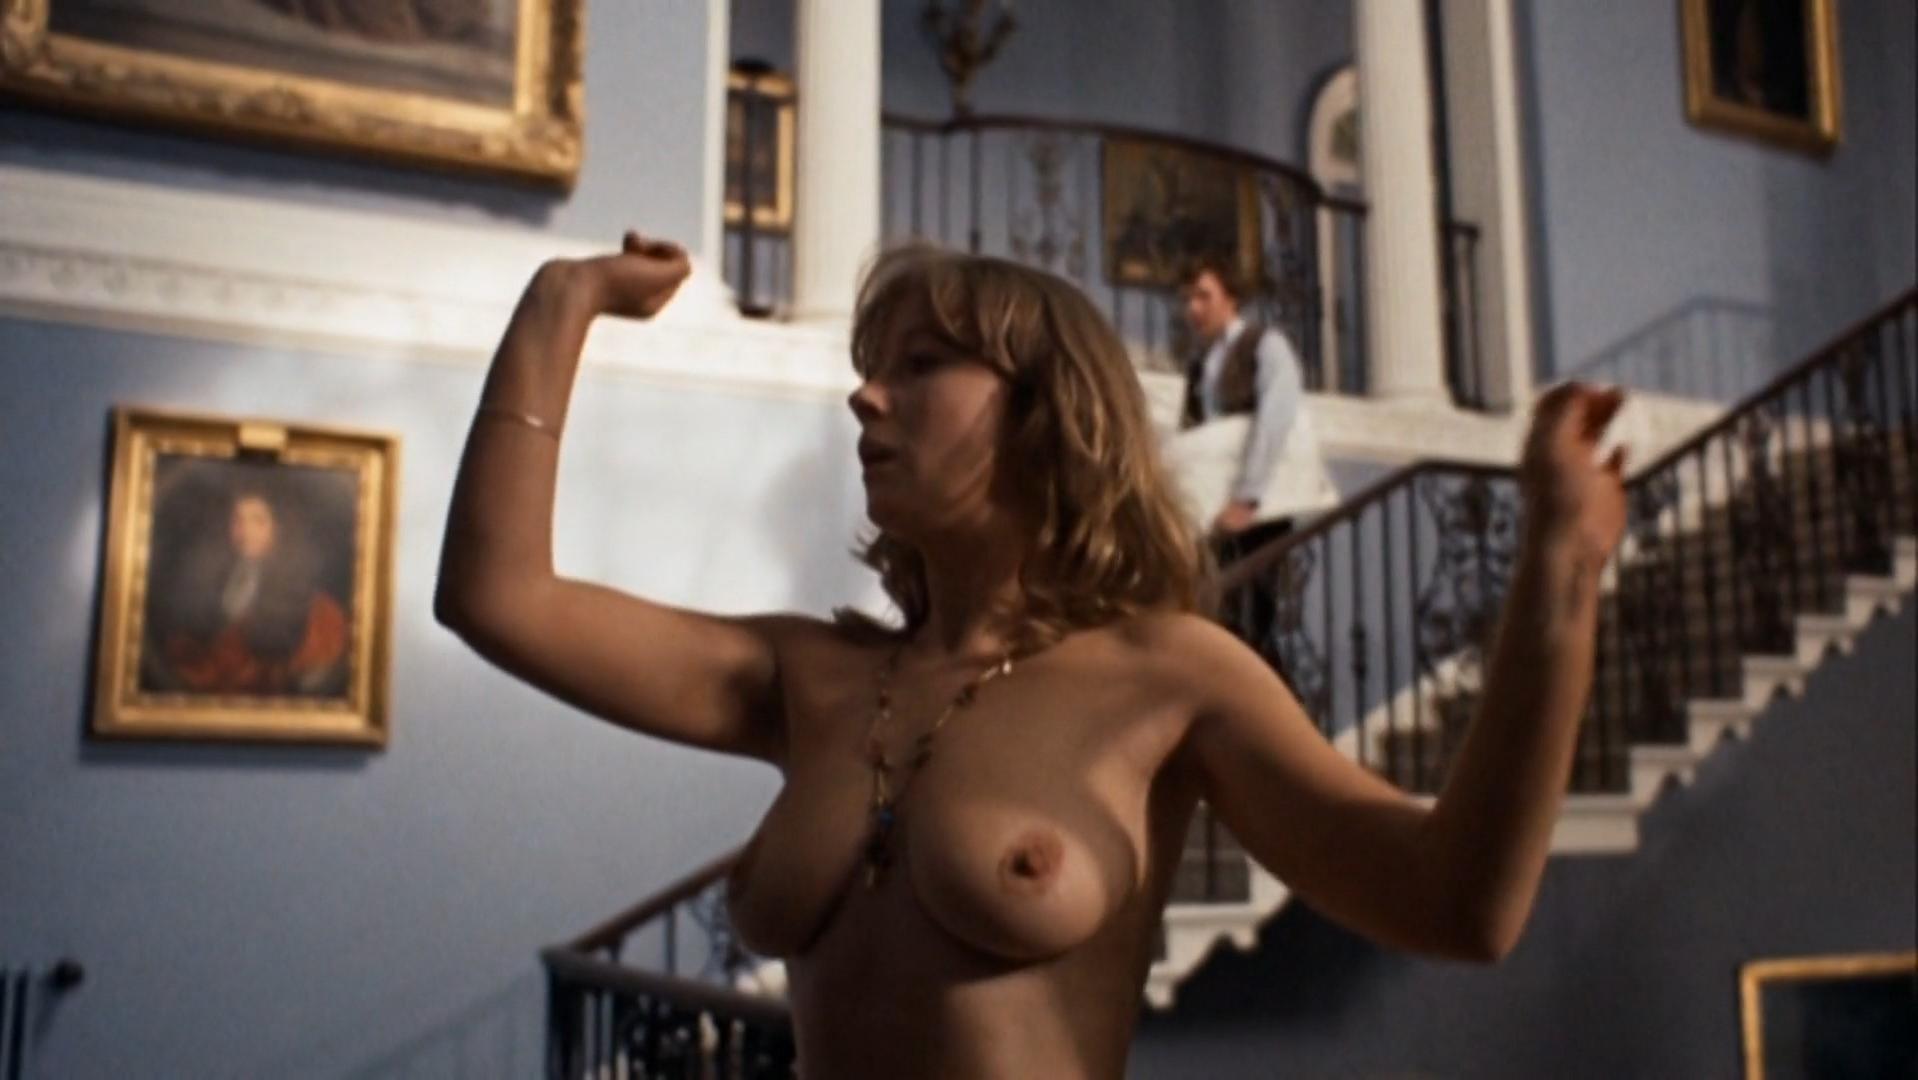 ziva david naked pussy